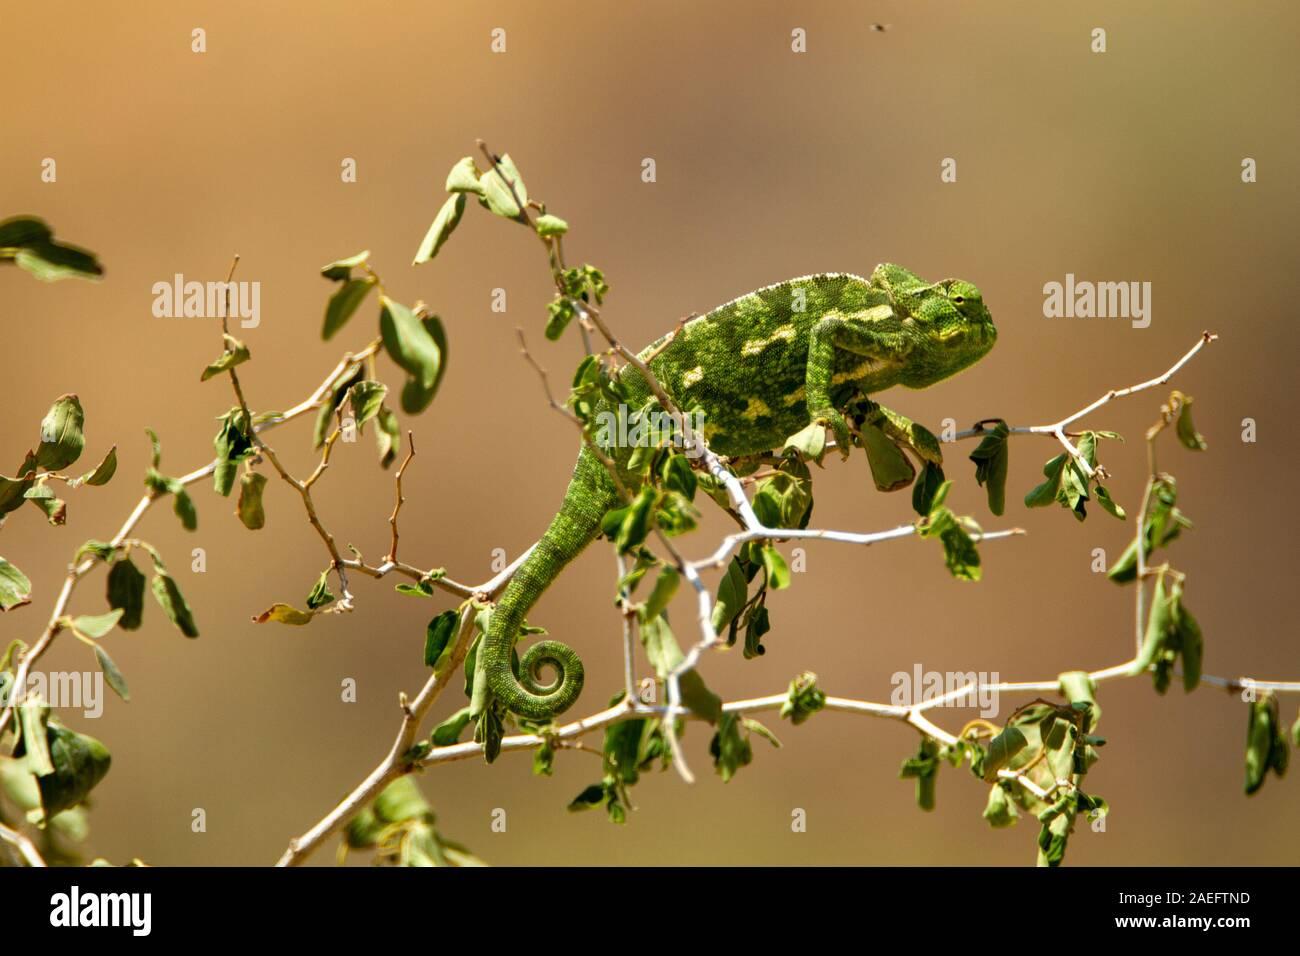 Mediterrane Chamäleon, AKA gemeinsame Jemenchamäleon (Chamaeleo chamaeleon) in Israel fotografiert. Stockfoto